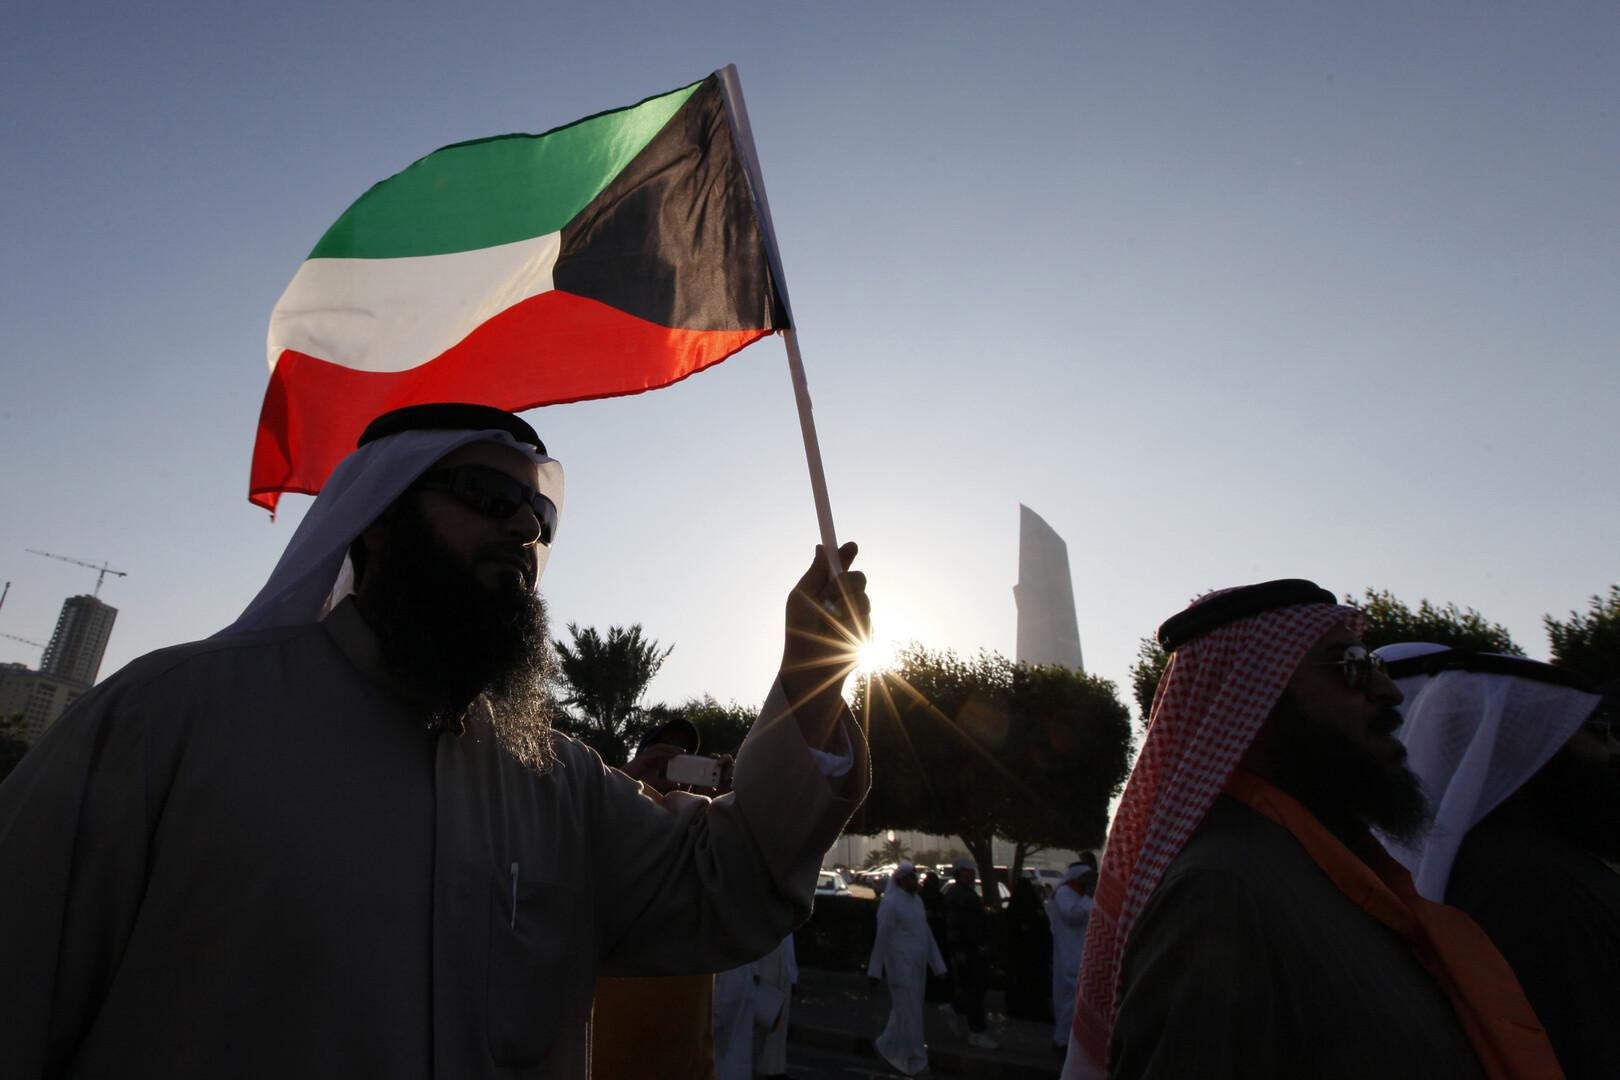 صحيفة كويتية: توقيف المسؤول الأمني مرتبط بـ